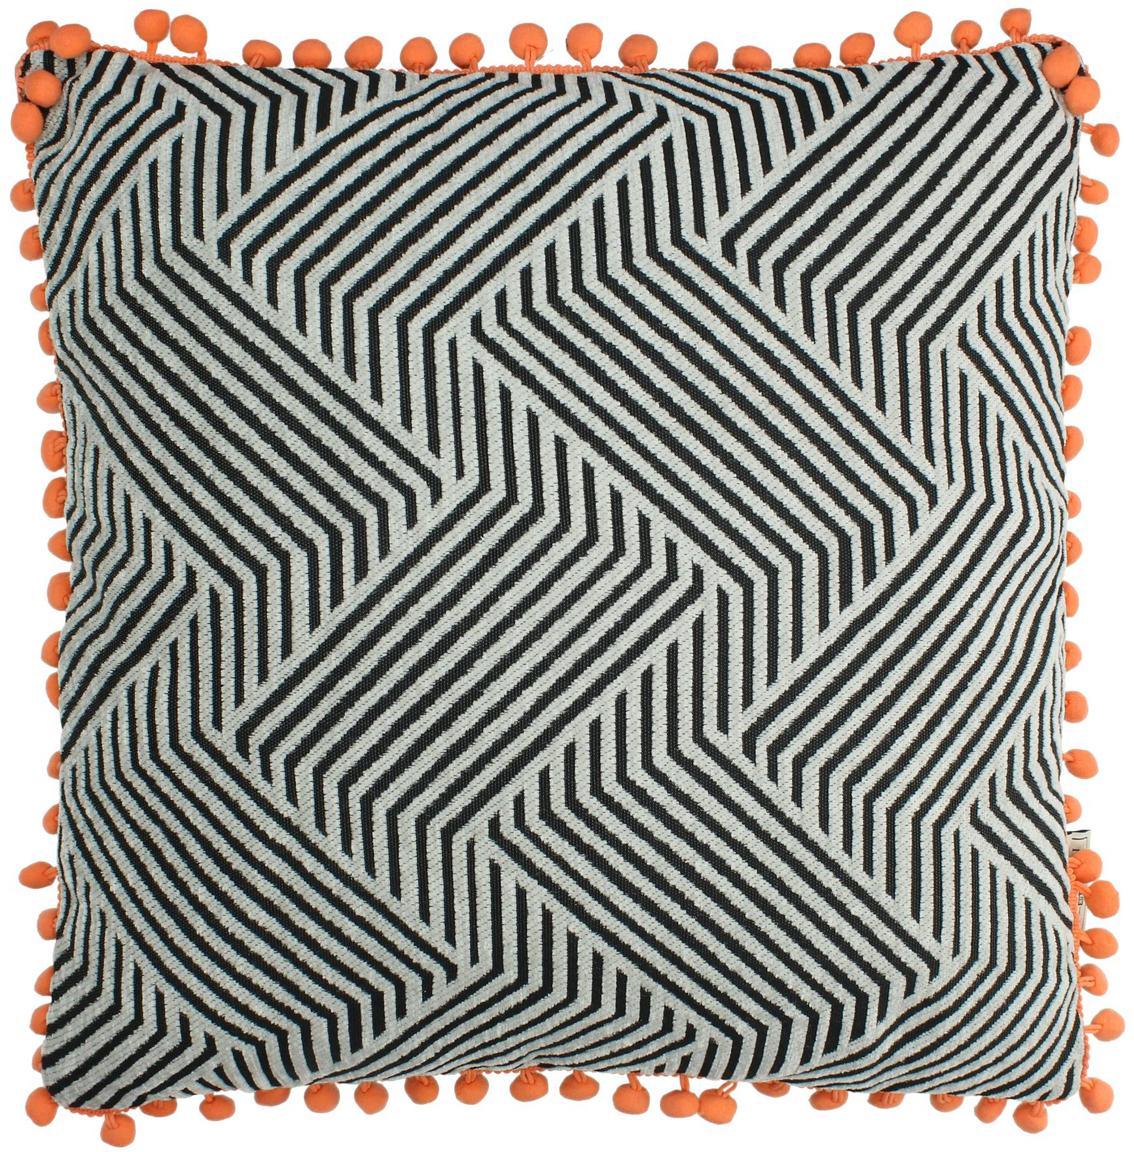 Cuscino con pompon arancioni e imbottitura Onde, Poliestere, Nero, bianco latteo, arancione, Larg. 45 x Lung. 45 cm